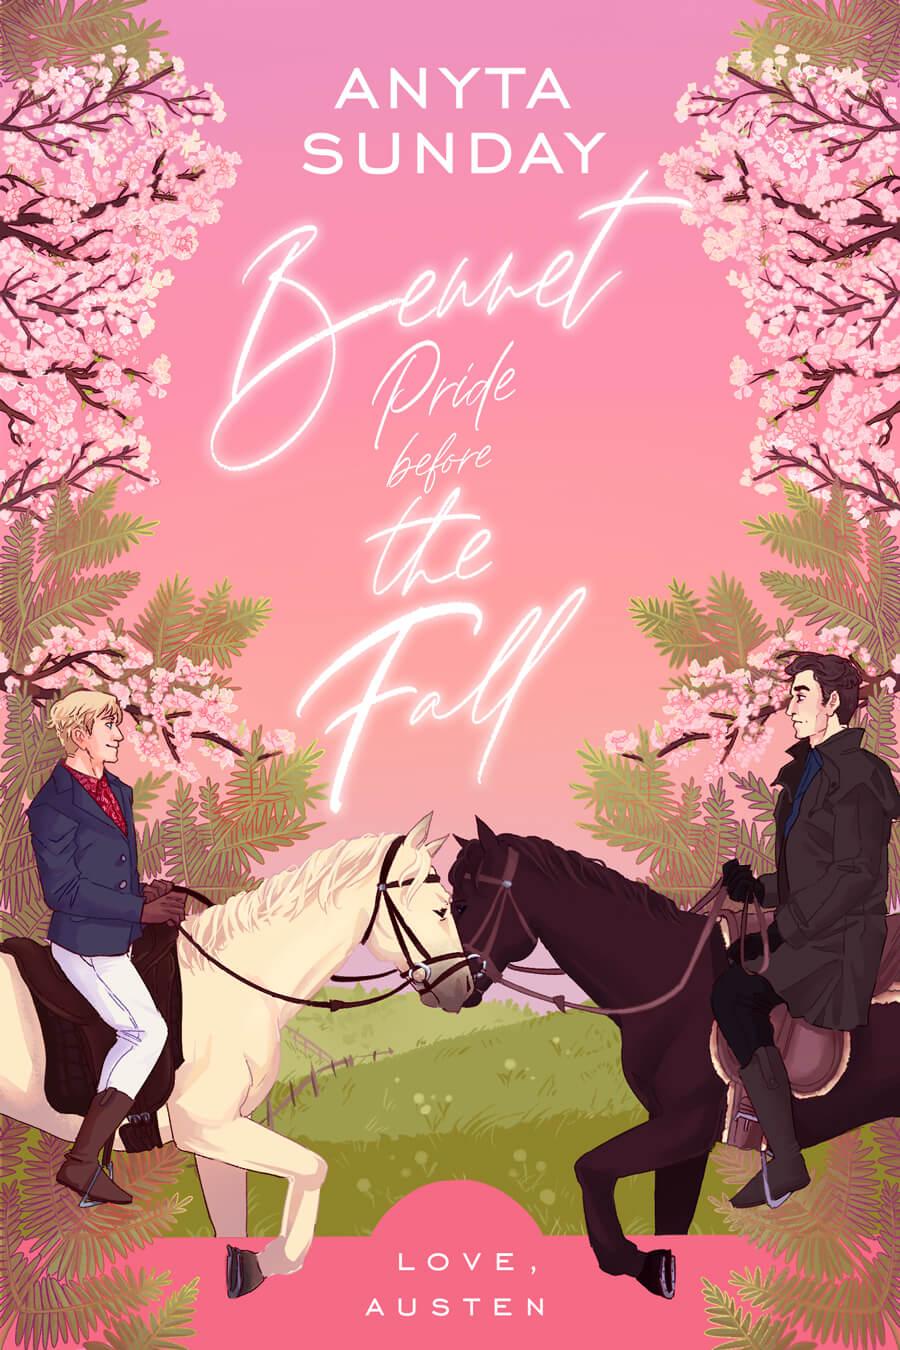 Gay Romance Novel Jane Austen retellling by Anyta Sunday